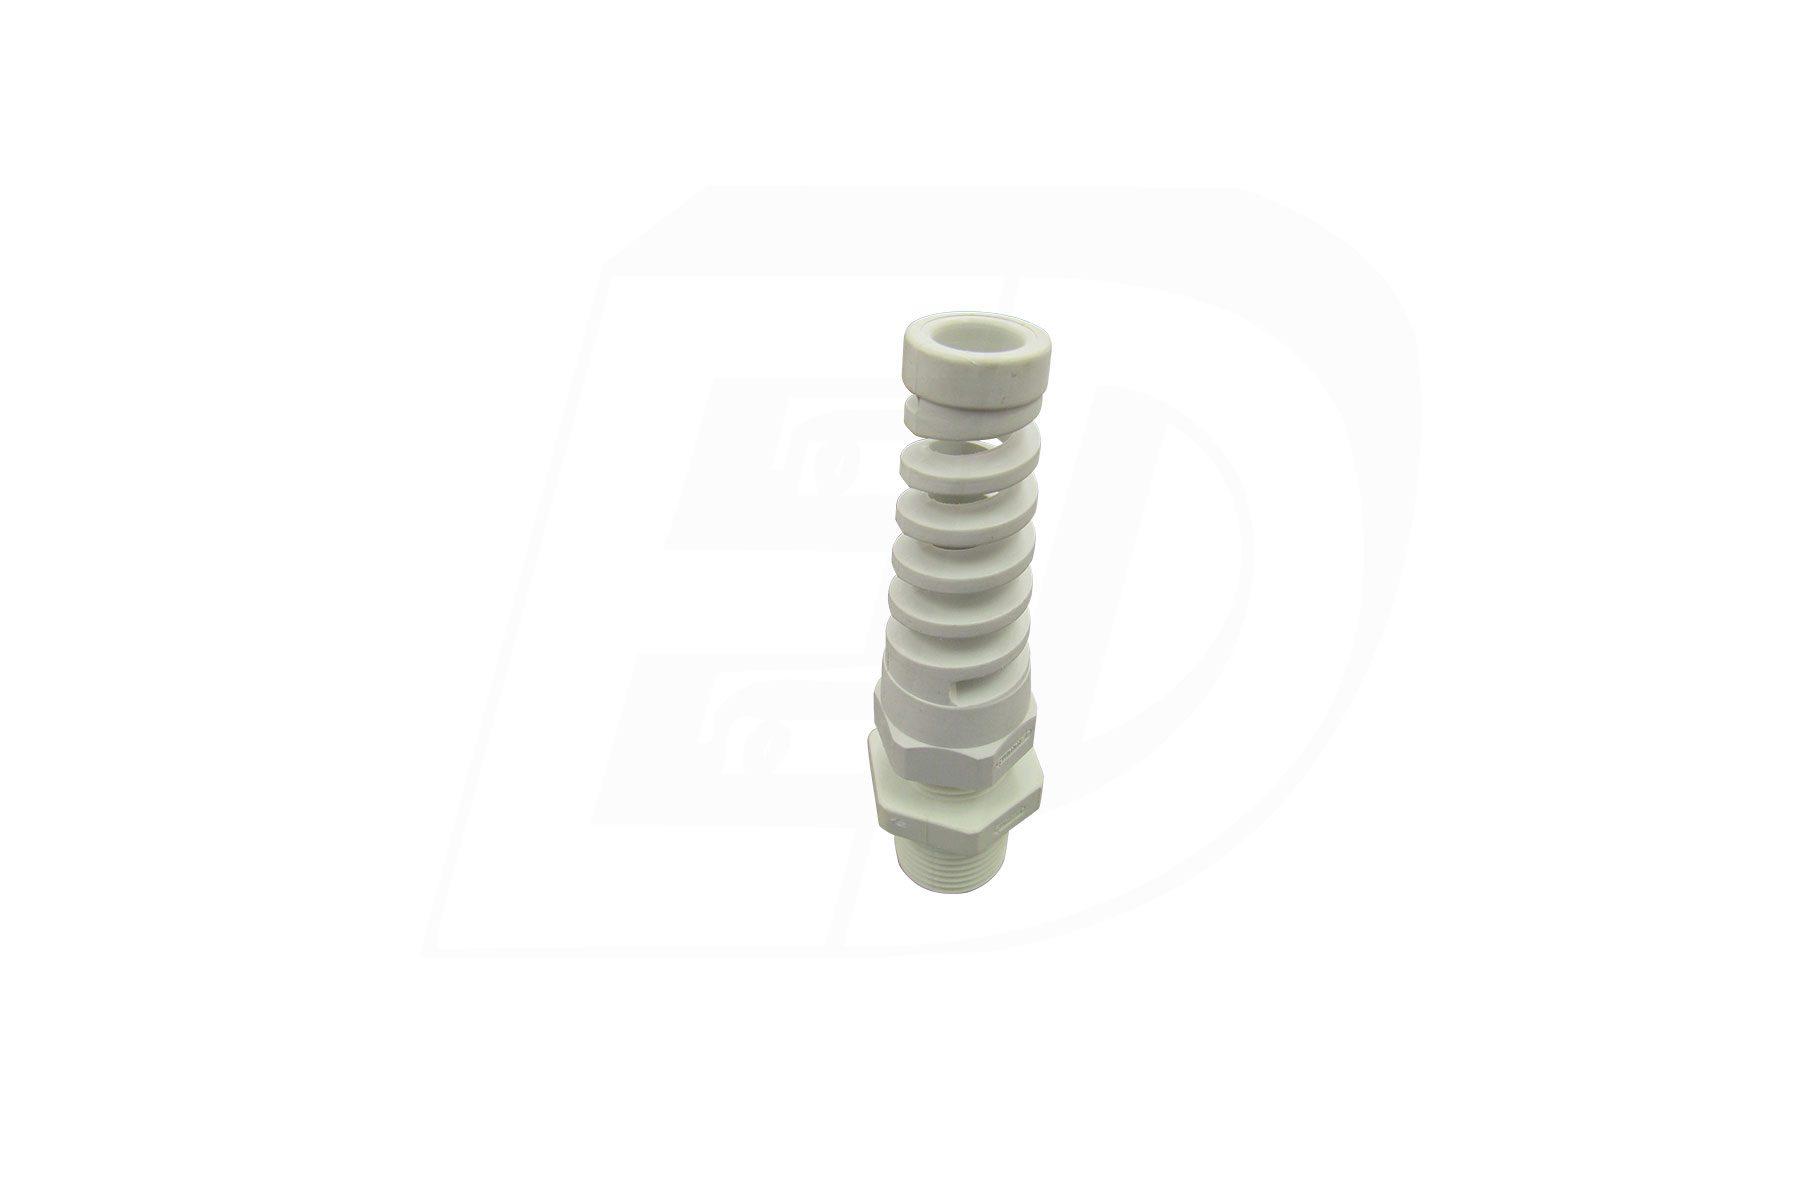 Nylon Straight Flex Liquid Tight Cable Strain Relief Connector